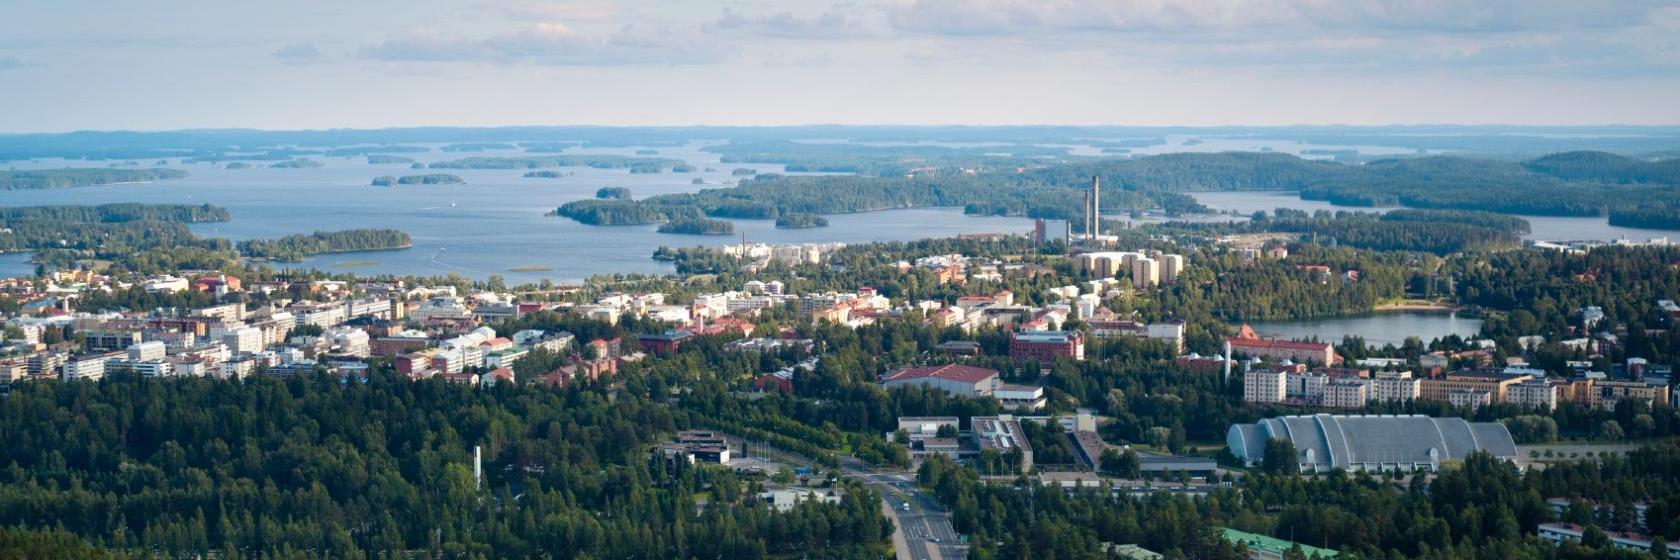 10 Parasta Hotellia Kuopiossa Hinnat Alkaen 76